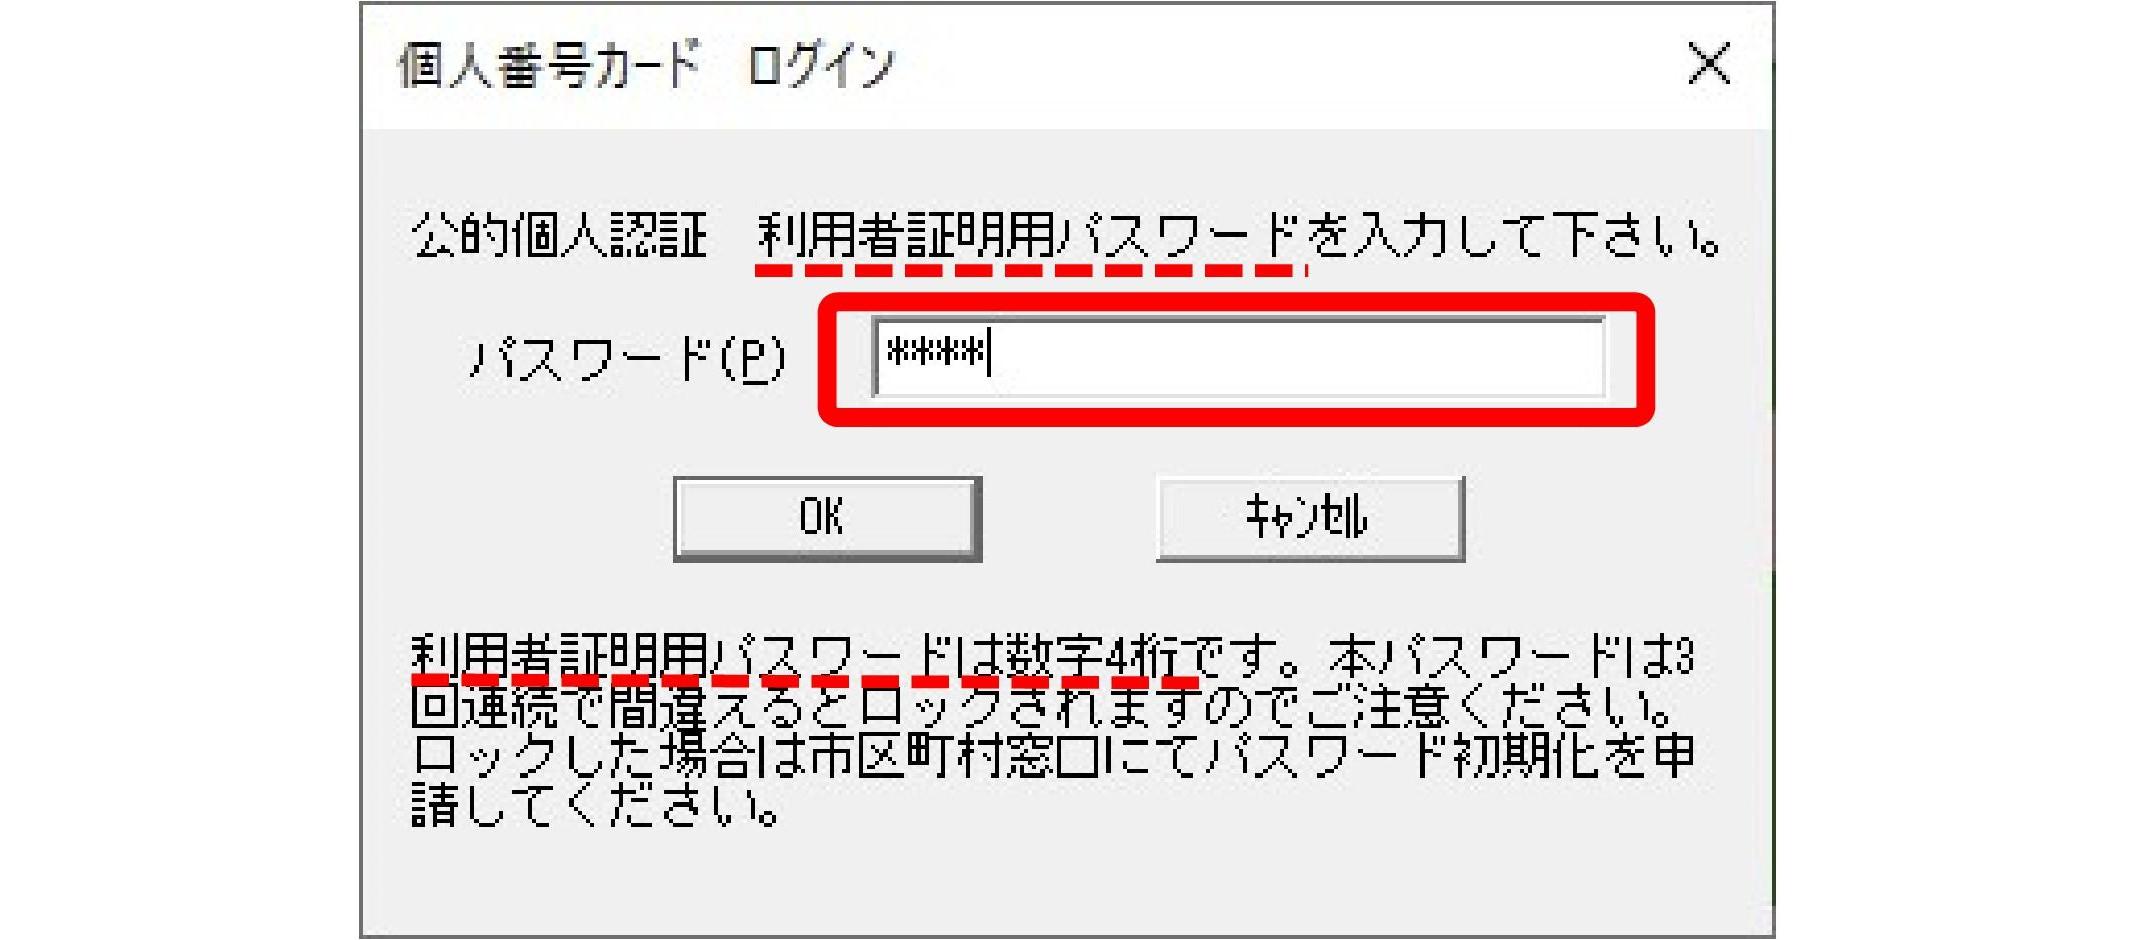 ファイル 24-5.jpg